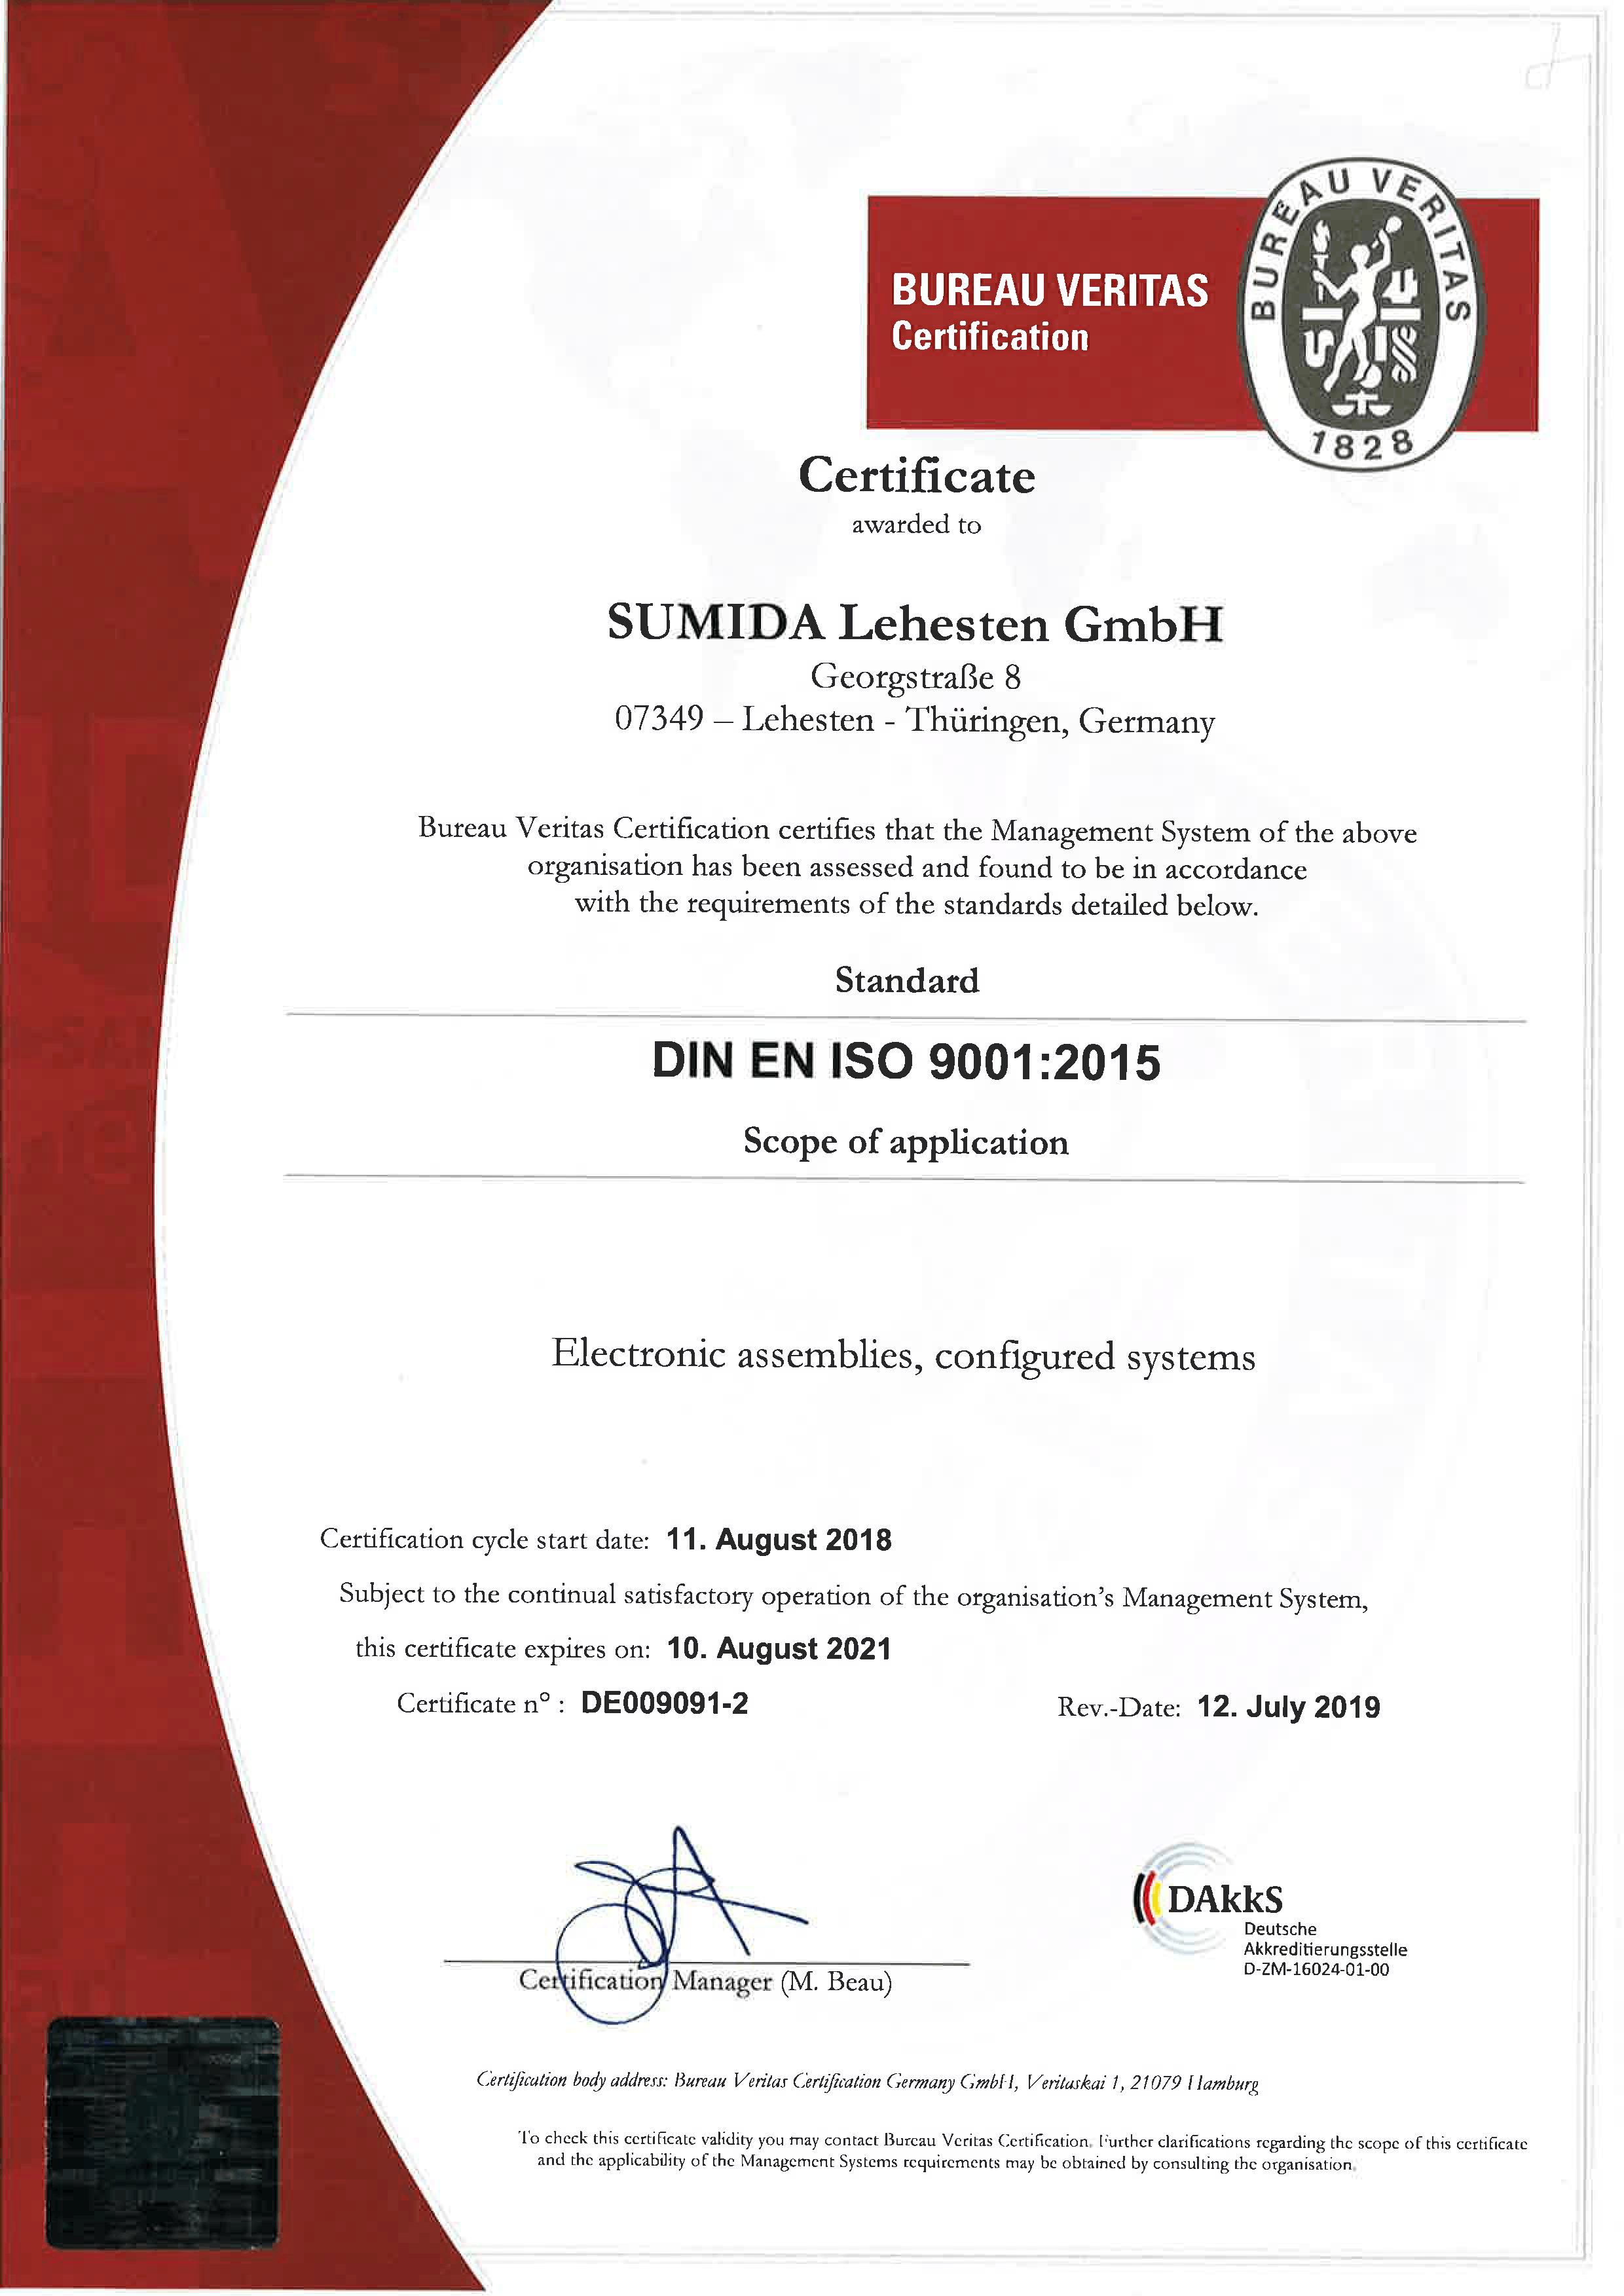 Zertifikat ISO 9001 SUMIDA Lehesten GmbH RA 2018 DE009081 1 EN Rev